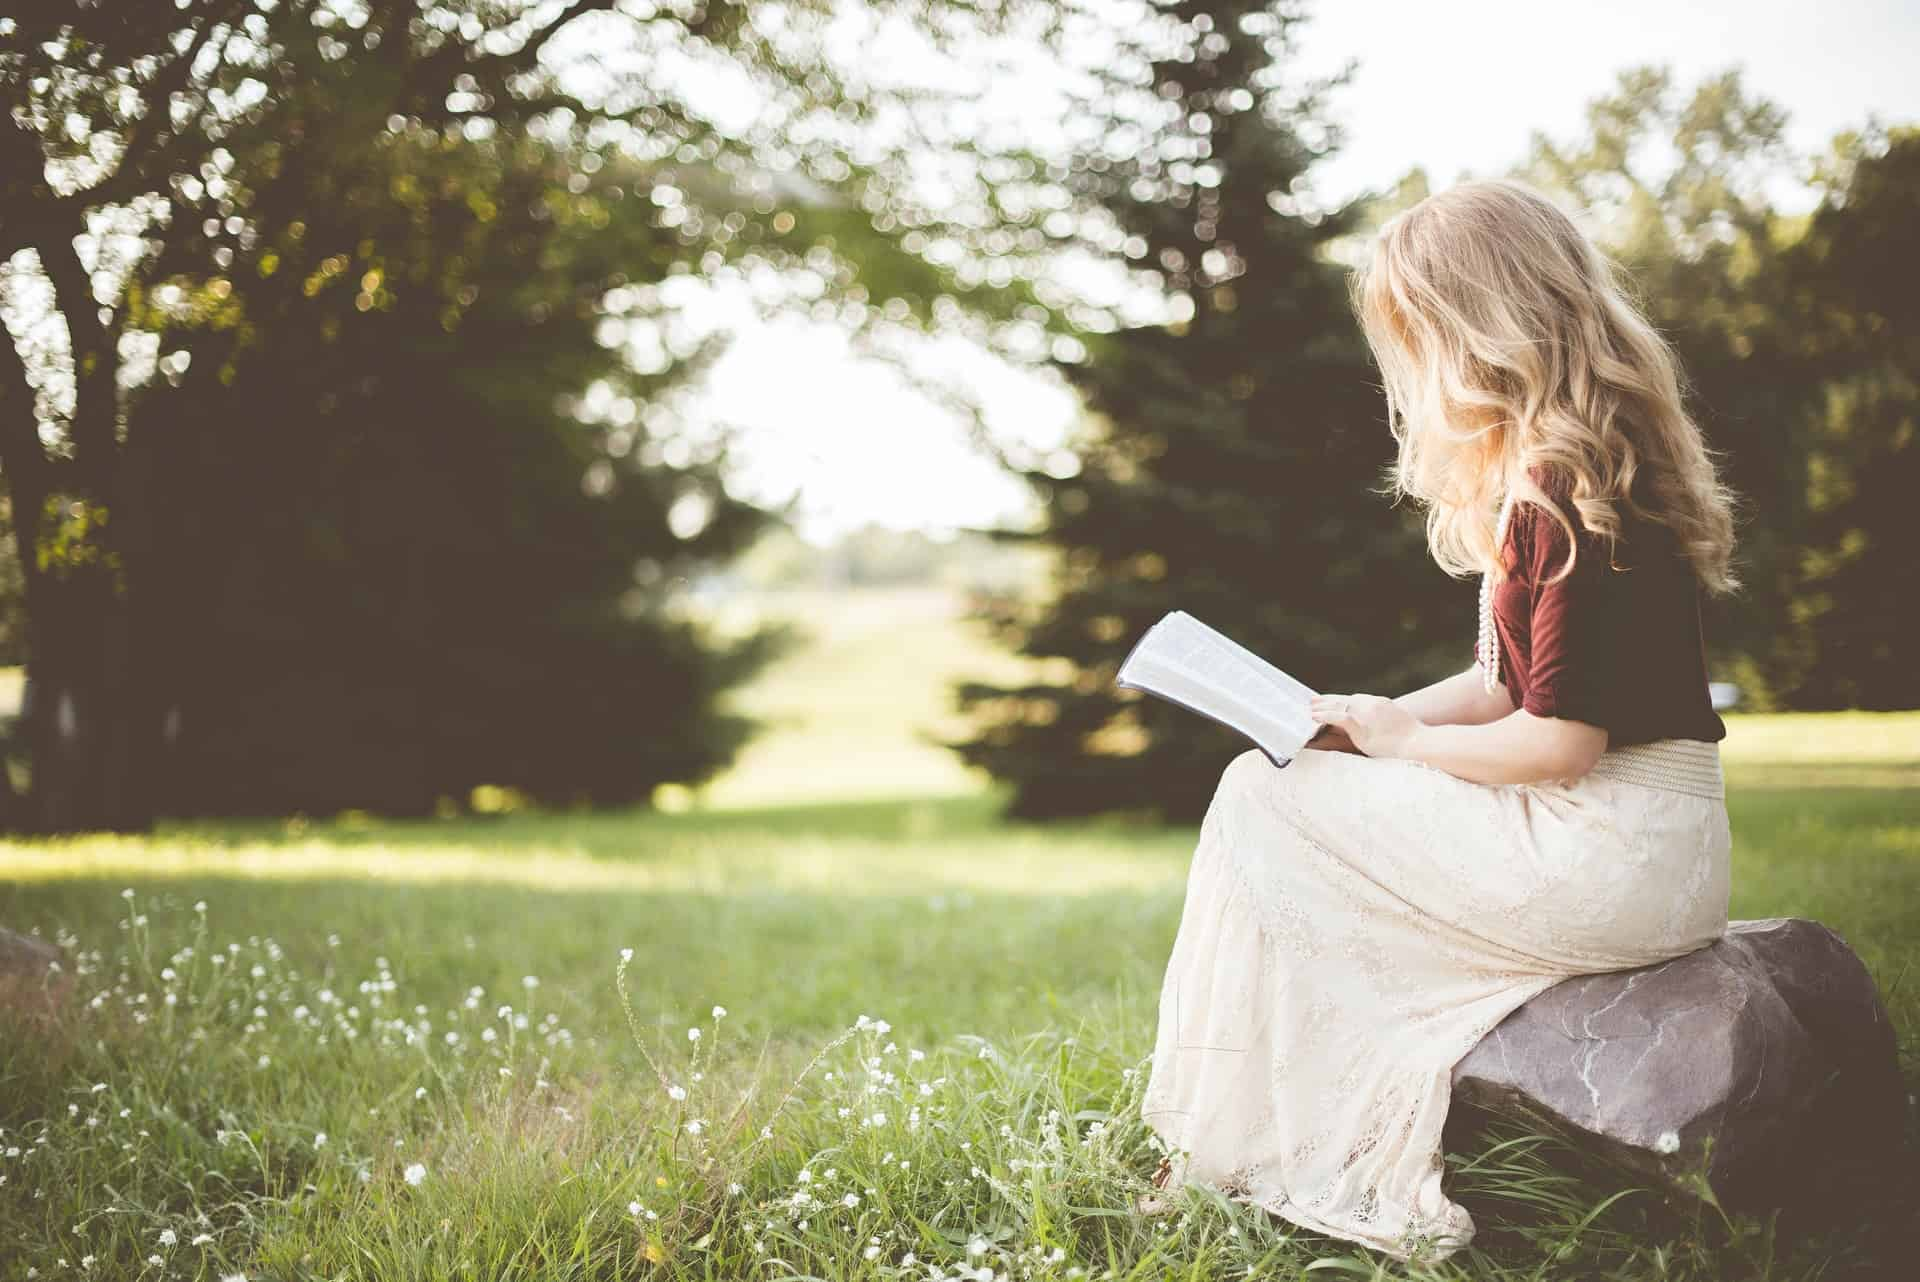 Une femme aux longs cheveux blonds est assise sur un rocher et lit un livre